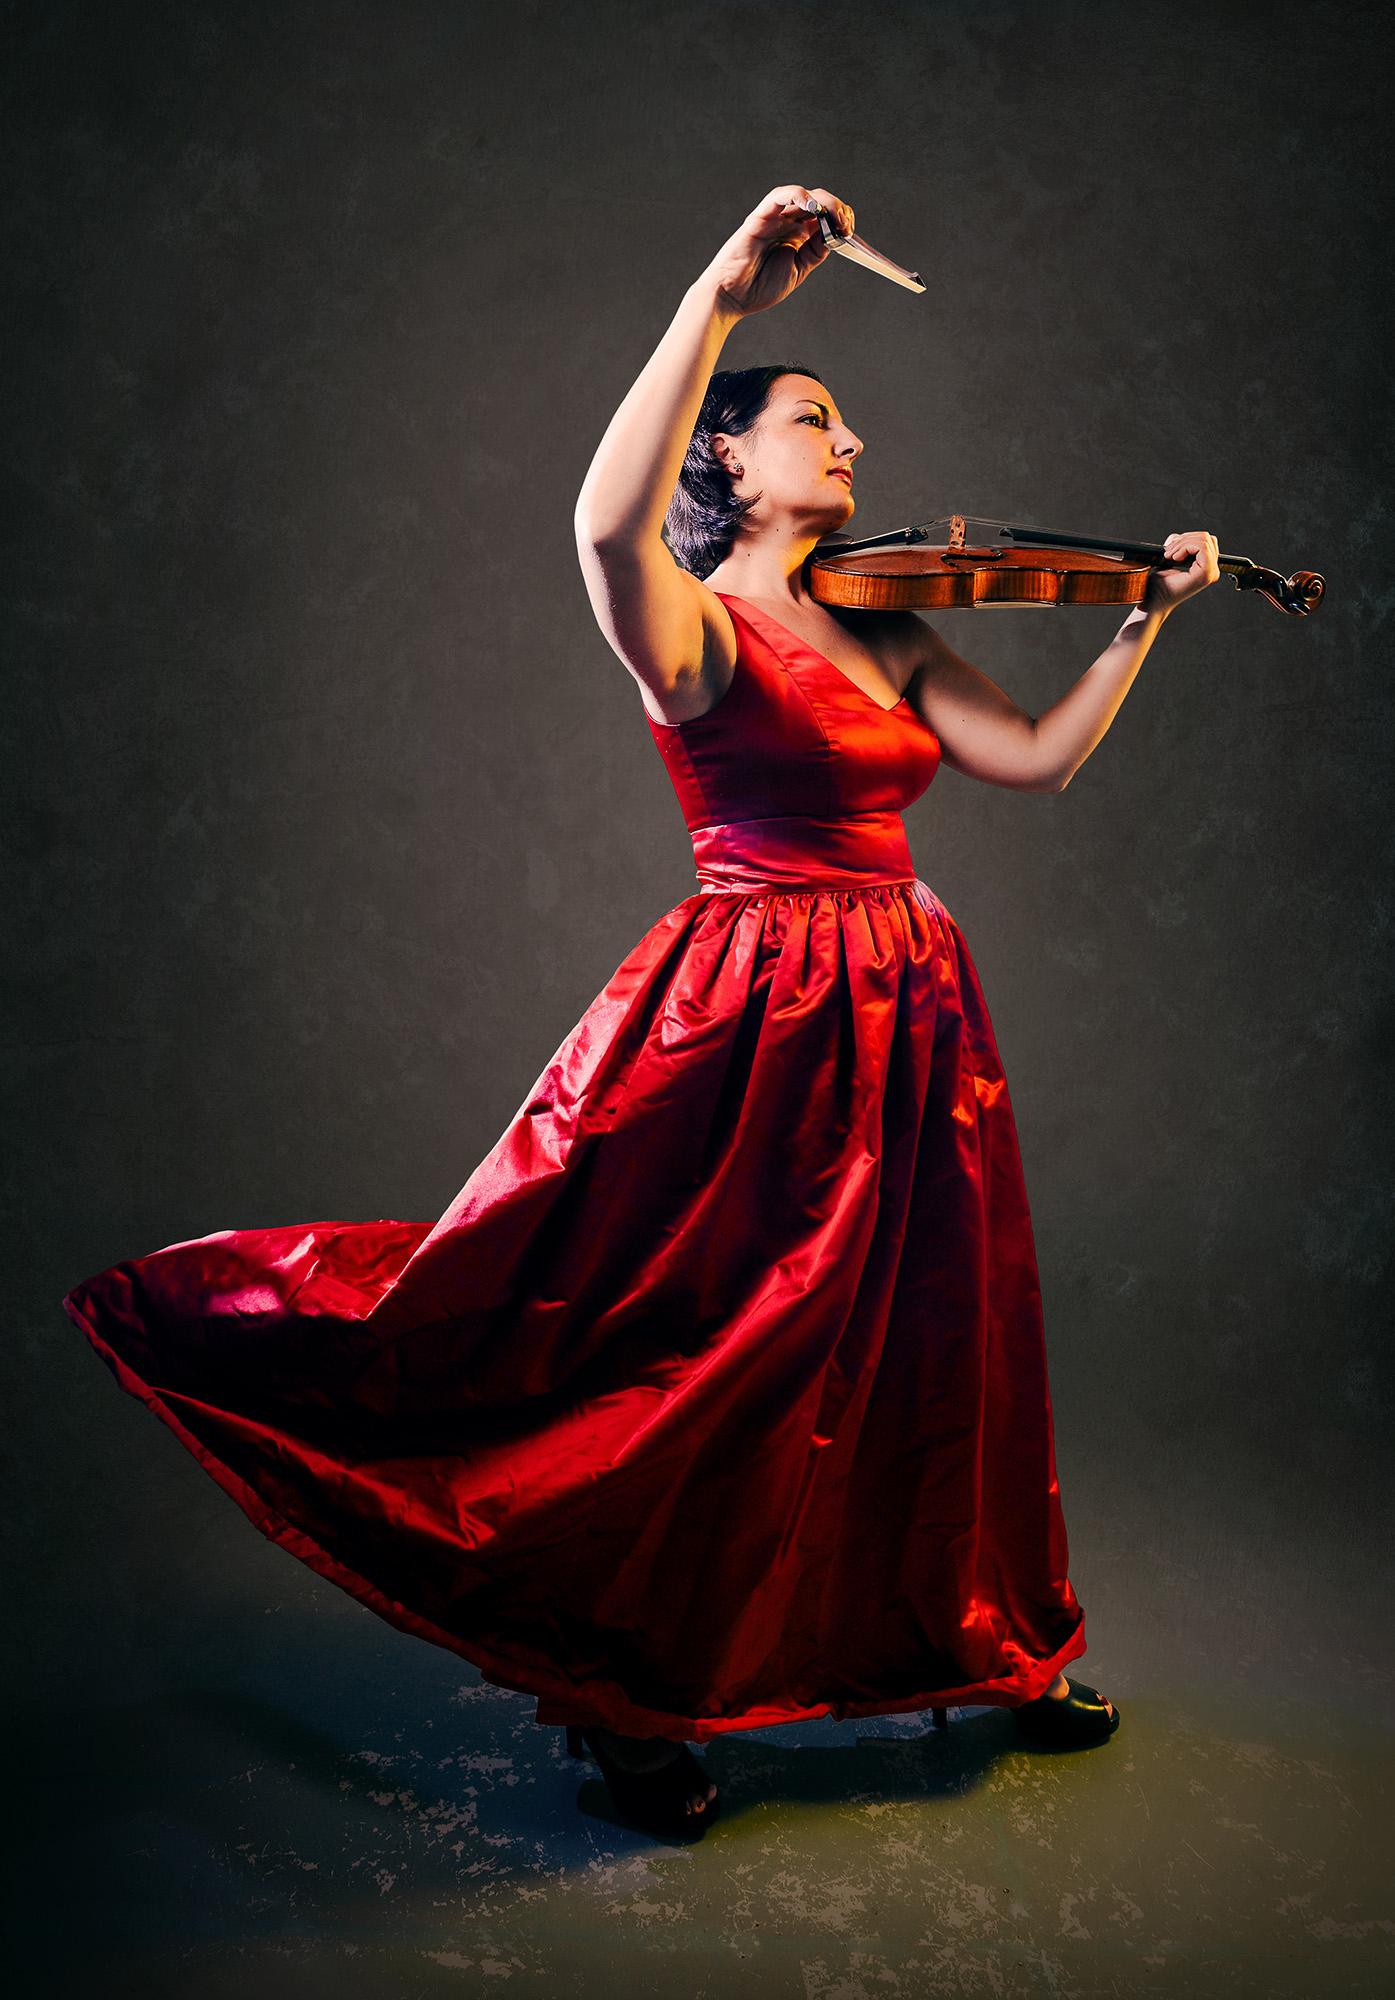 Emmanuella Reiter